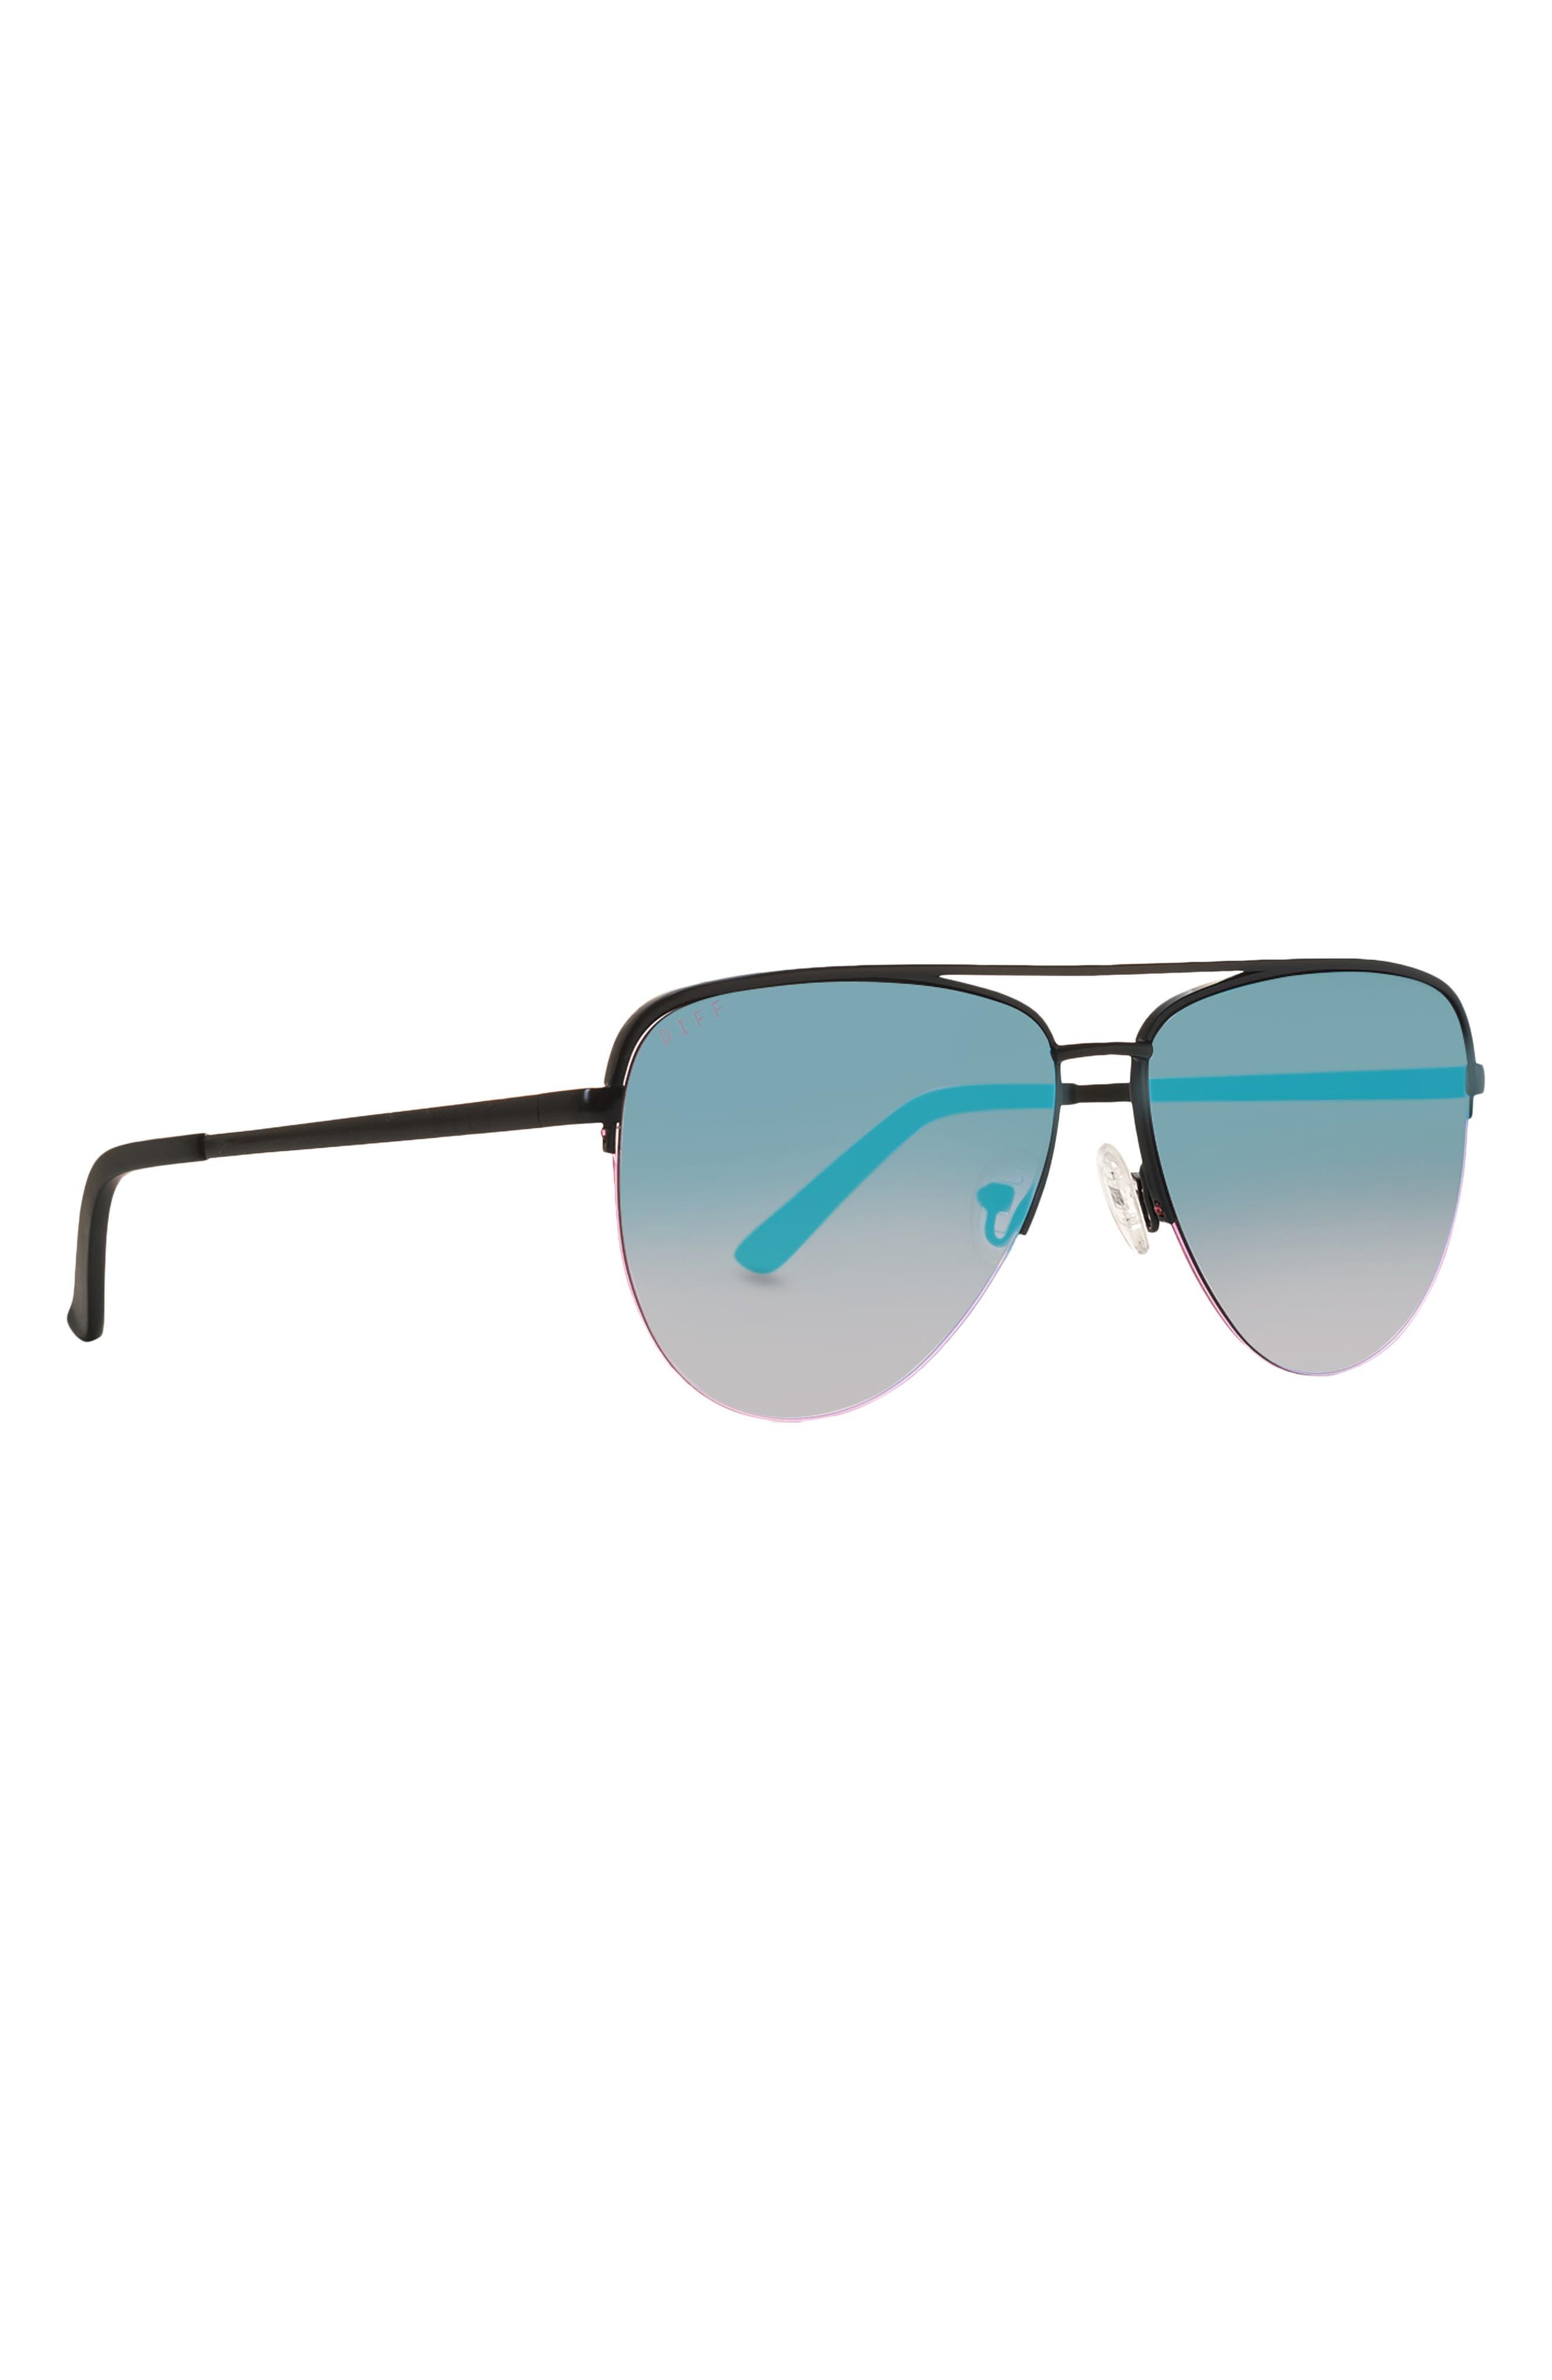 Tate 59mm Gradient Mirrored Semi Rimless Aviator Sunglasses